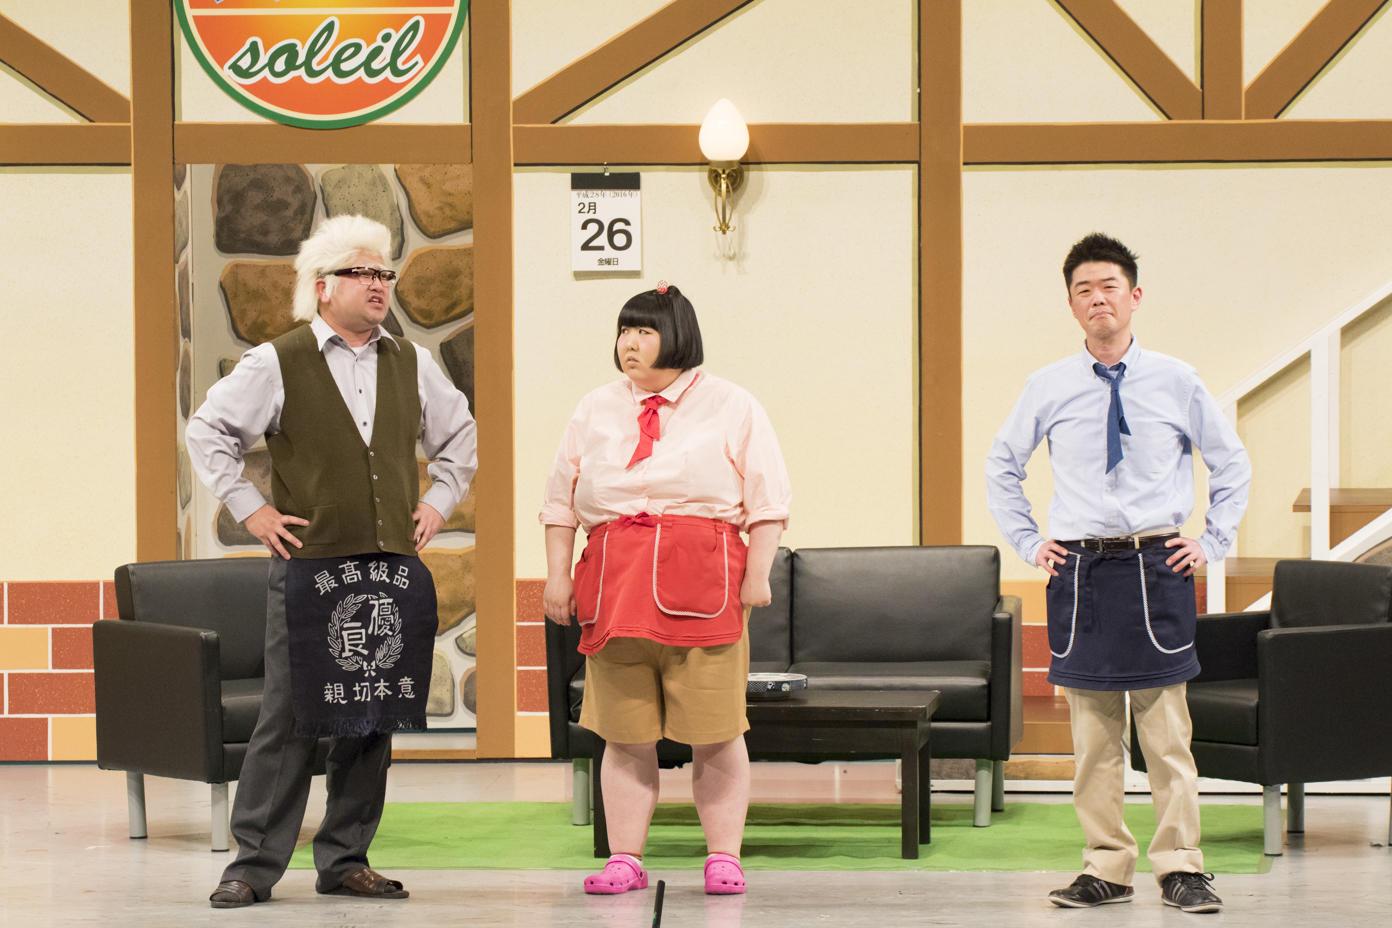 http://news.yoshimoto.co.jp/20160228175501-27ffe82e63cd95c1cf5f3ca6456e5e283198dc8e.jpg